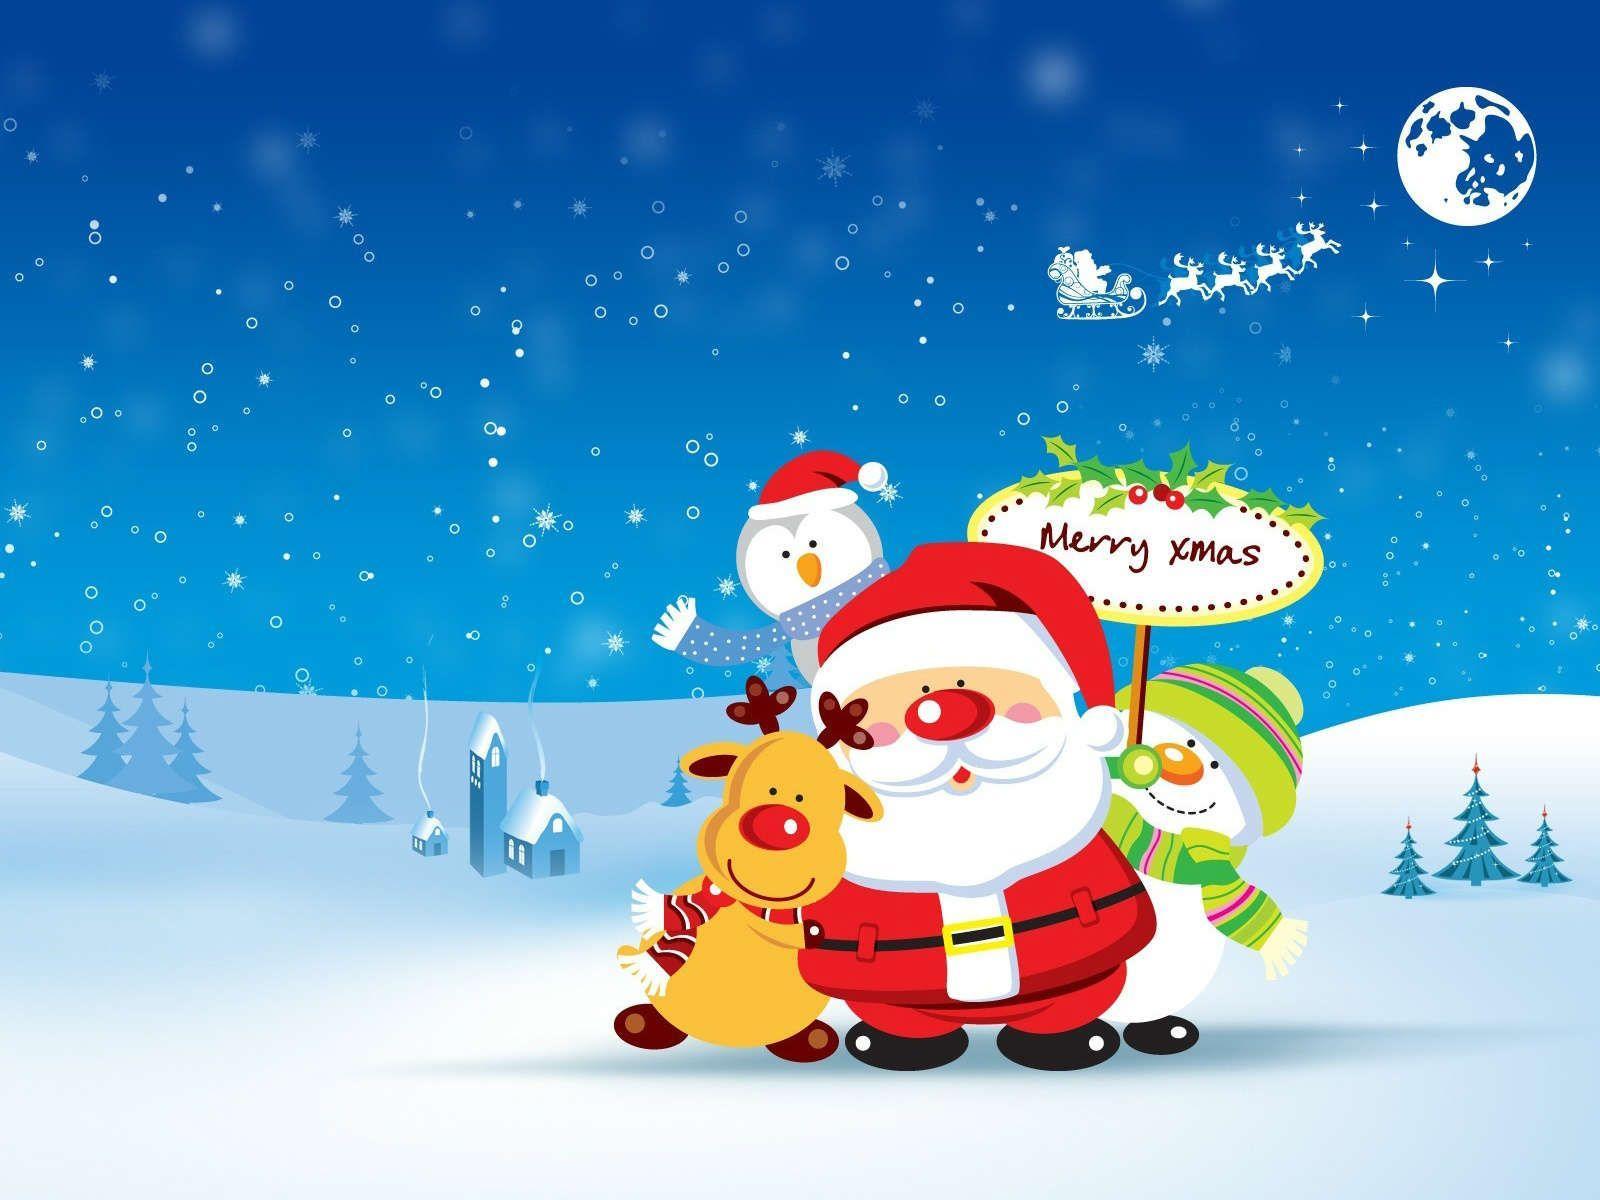 Hình nền Giáng sinh 1600x1200 cho Pc 1600x1200 (150,42 KB)